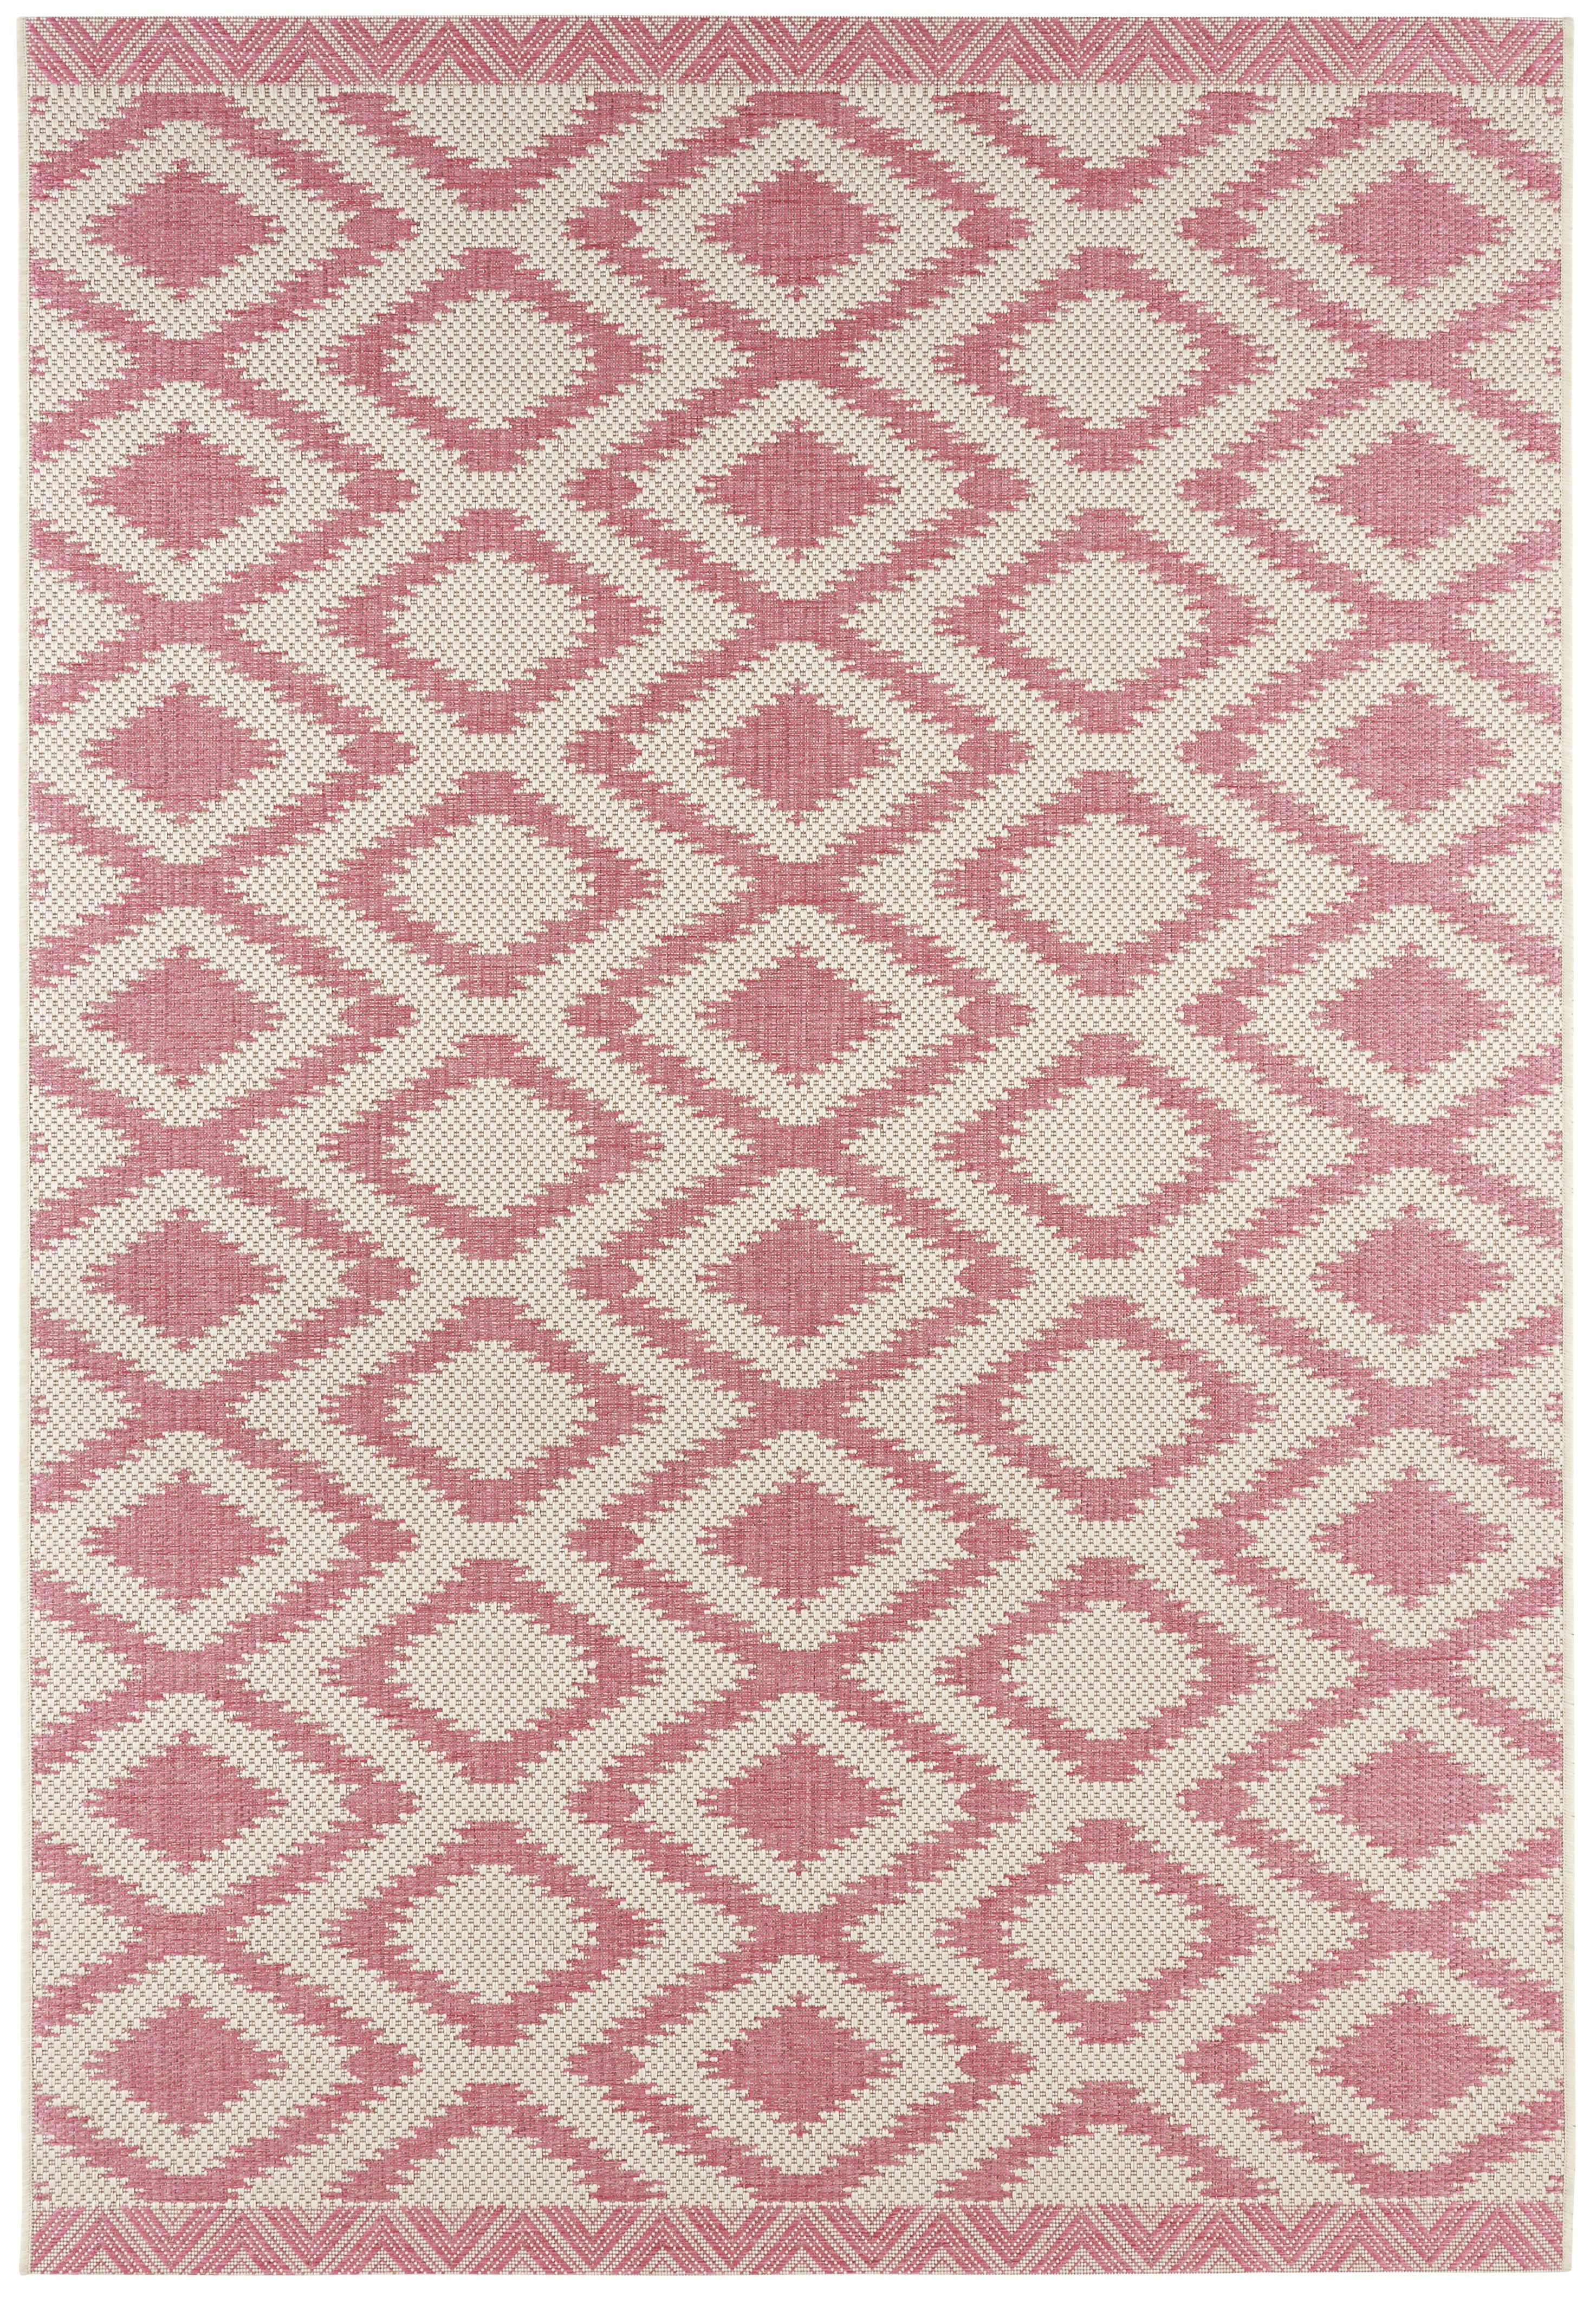 Bougari - Hanse Home koberce Kusový koberec Botany Pink 103310 - 140x200 cm